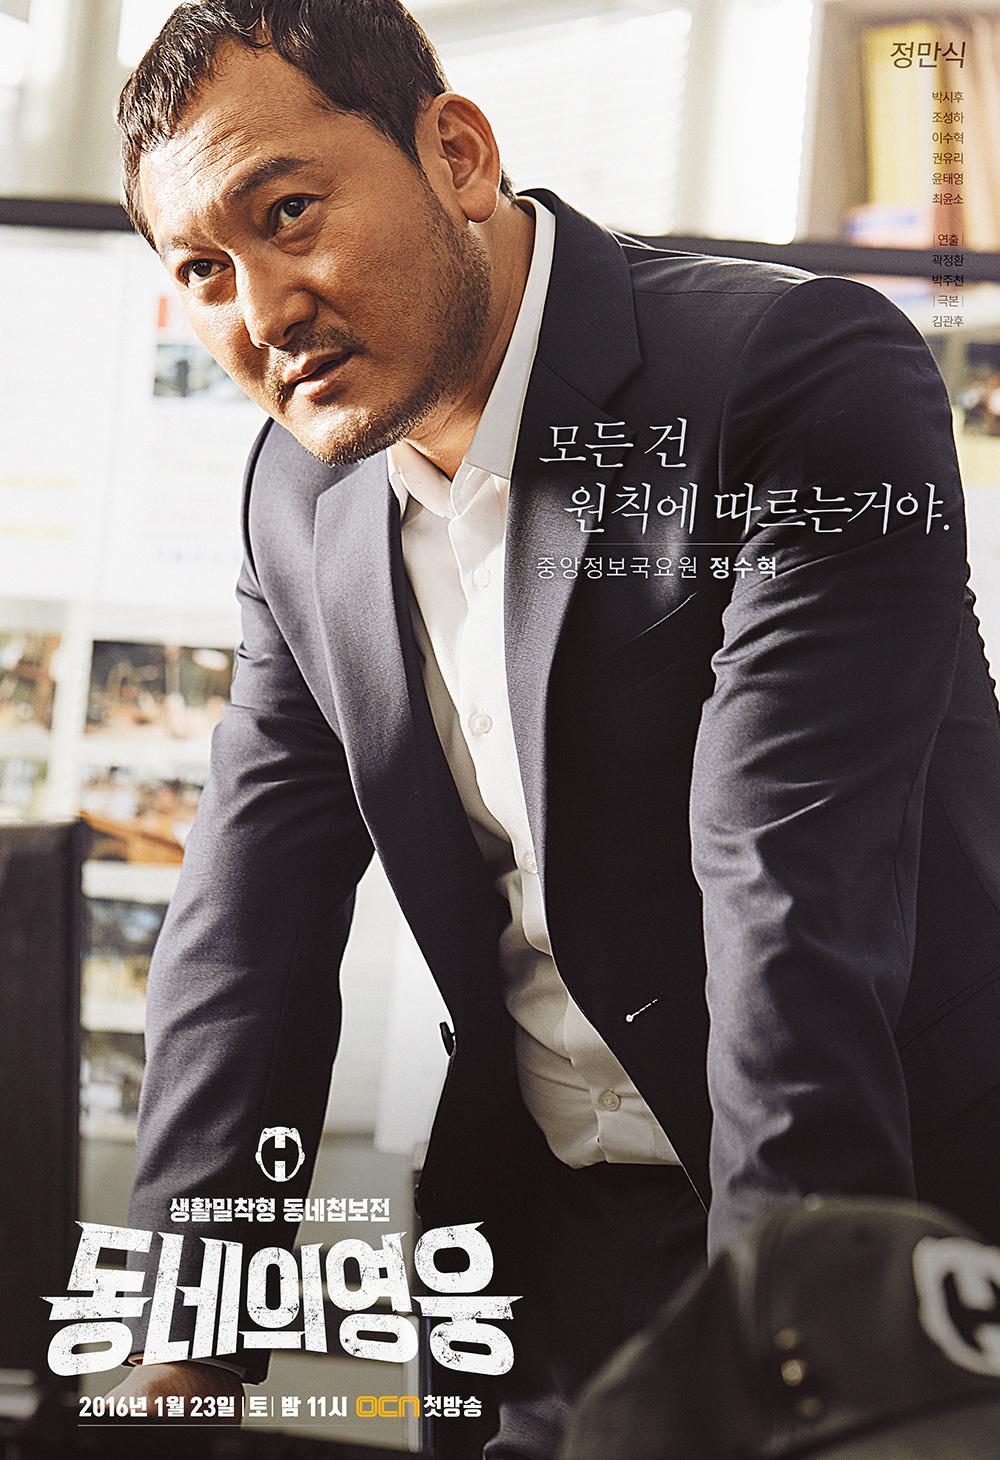 <동네의 영웅> 캐릭터 포스터 : 정수혁